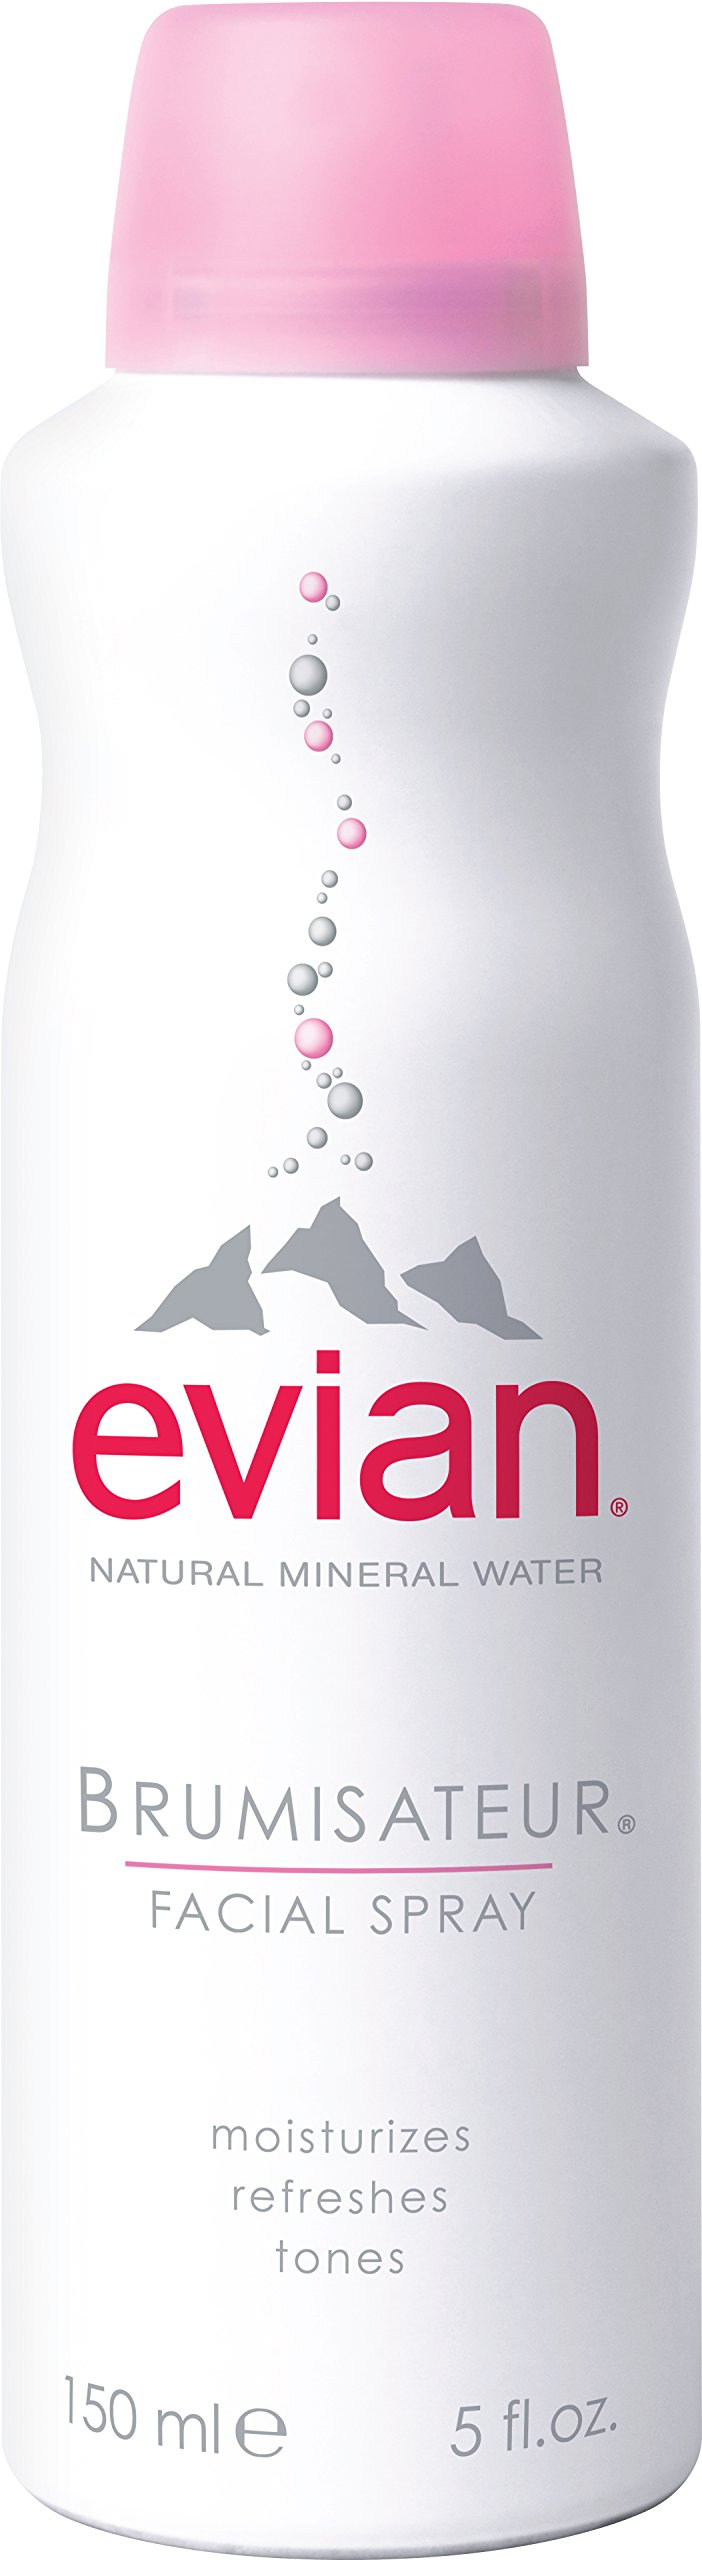 Evian Natural Mineral Water Facial Spray 101 Oz 300ml 5